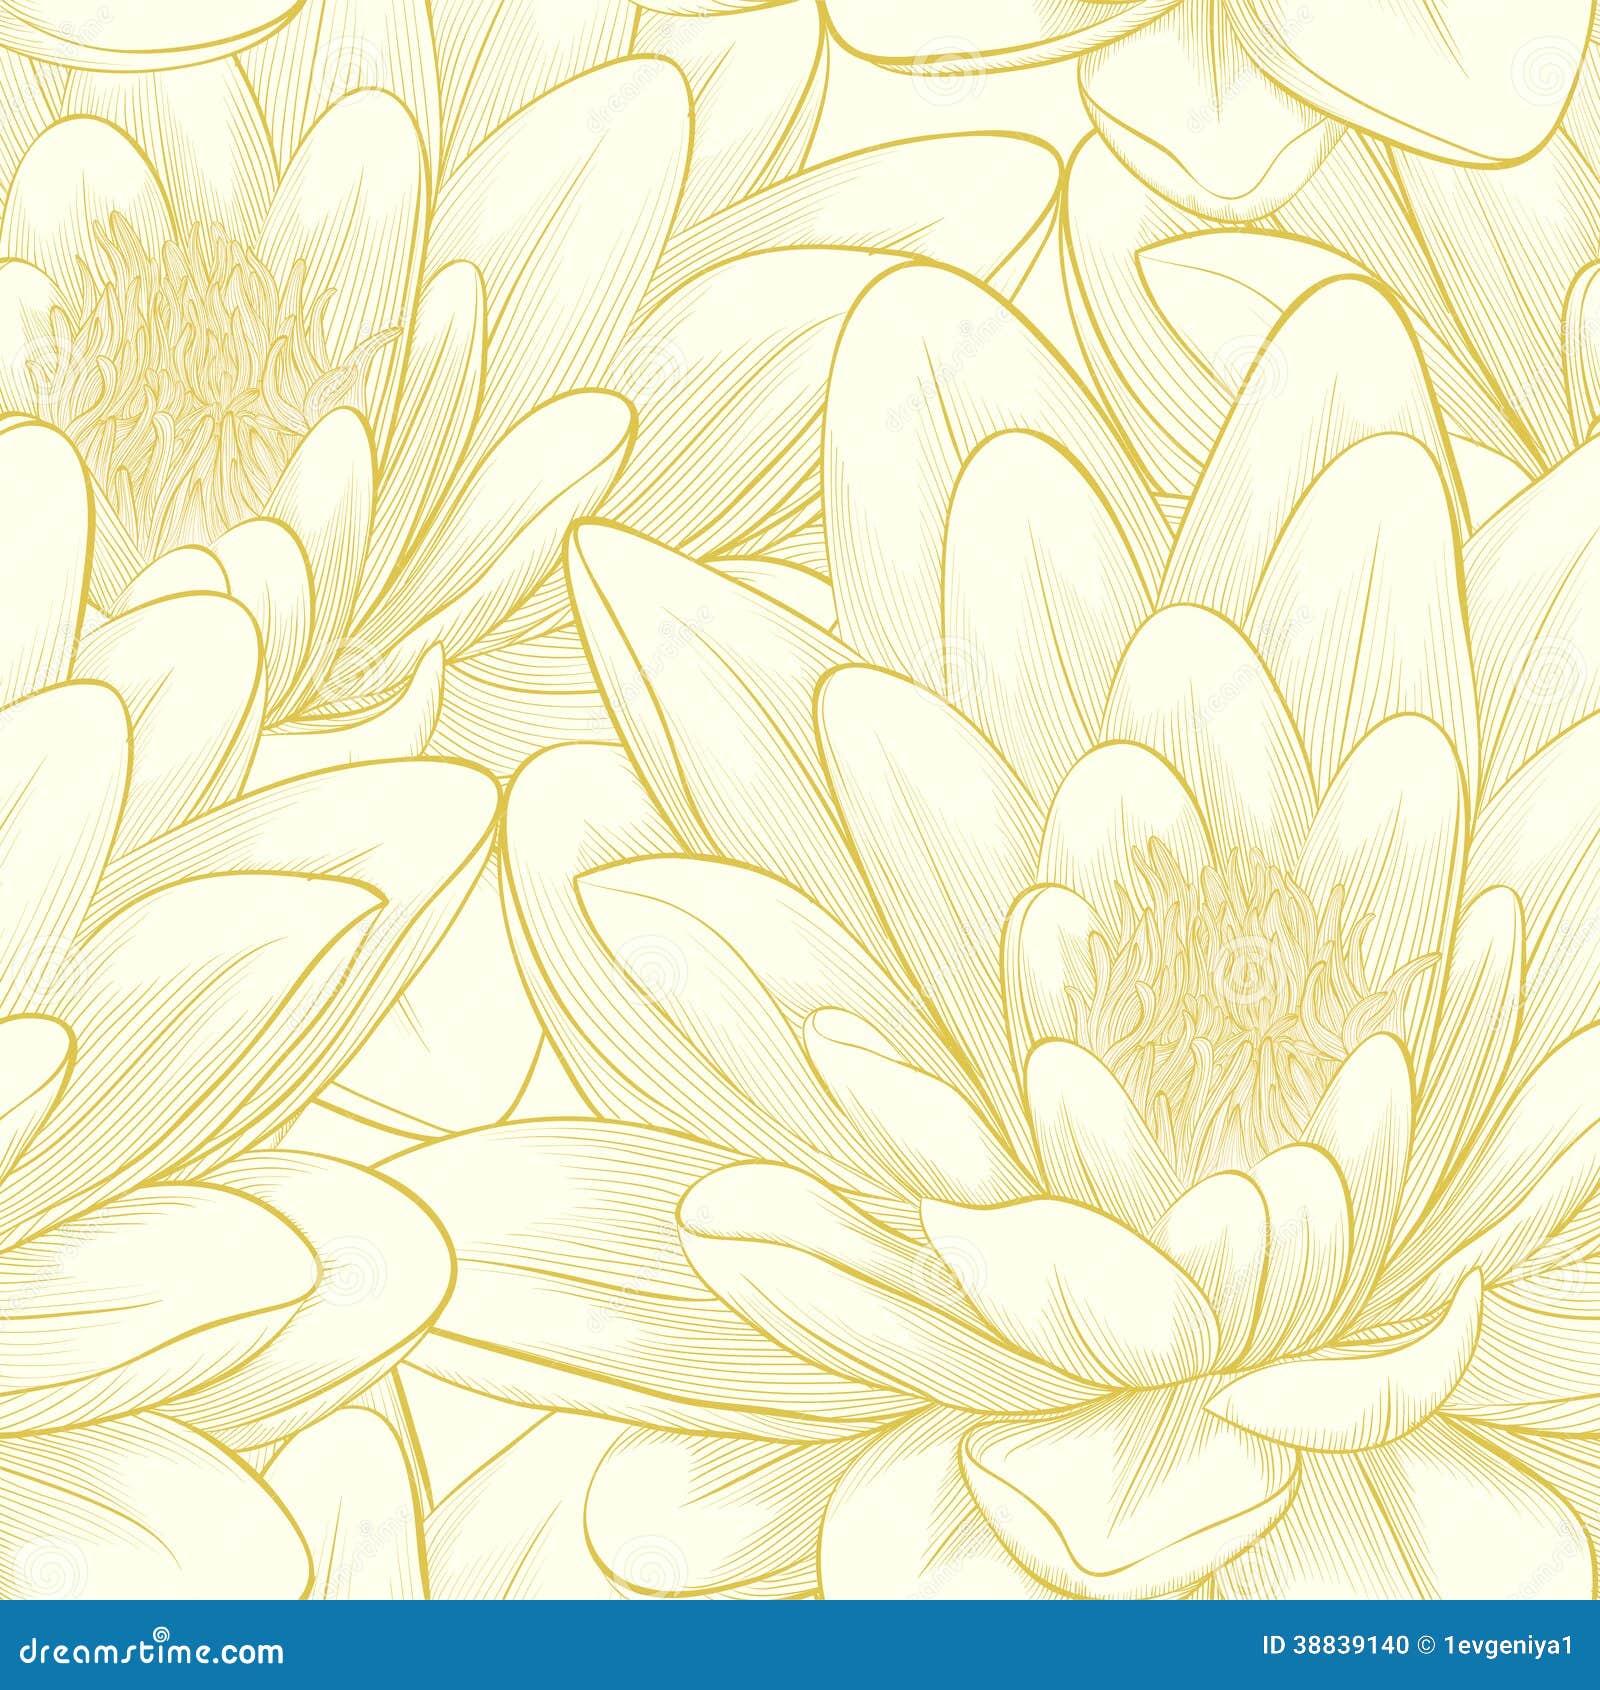 Lotus Wedding Invitations as beautiful invitation ideas